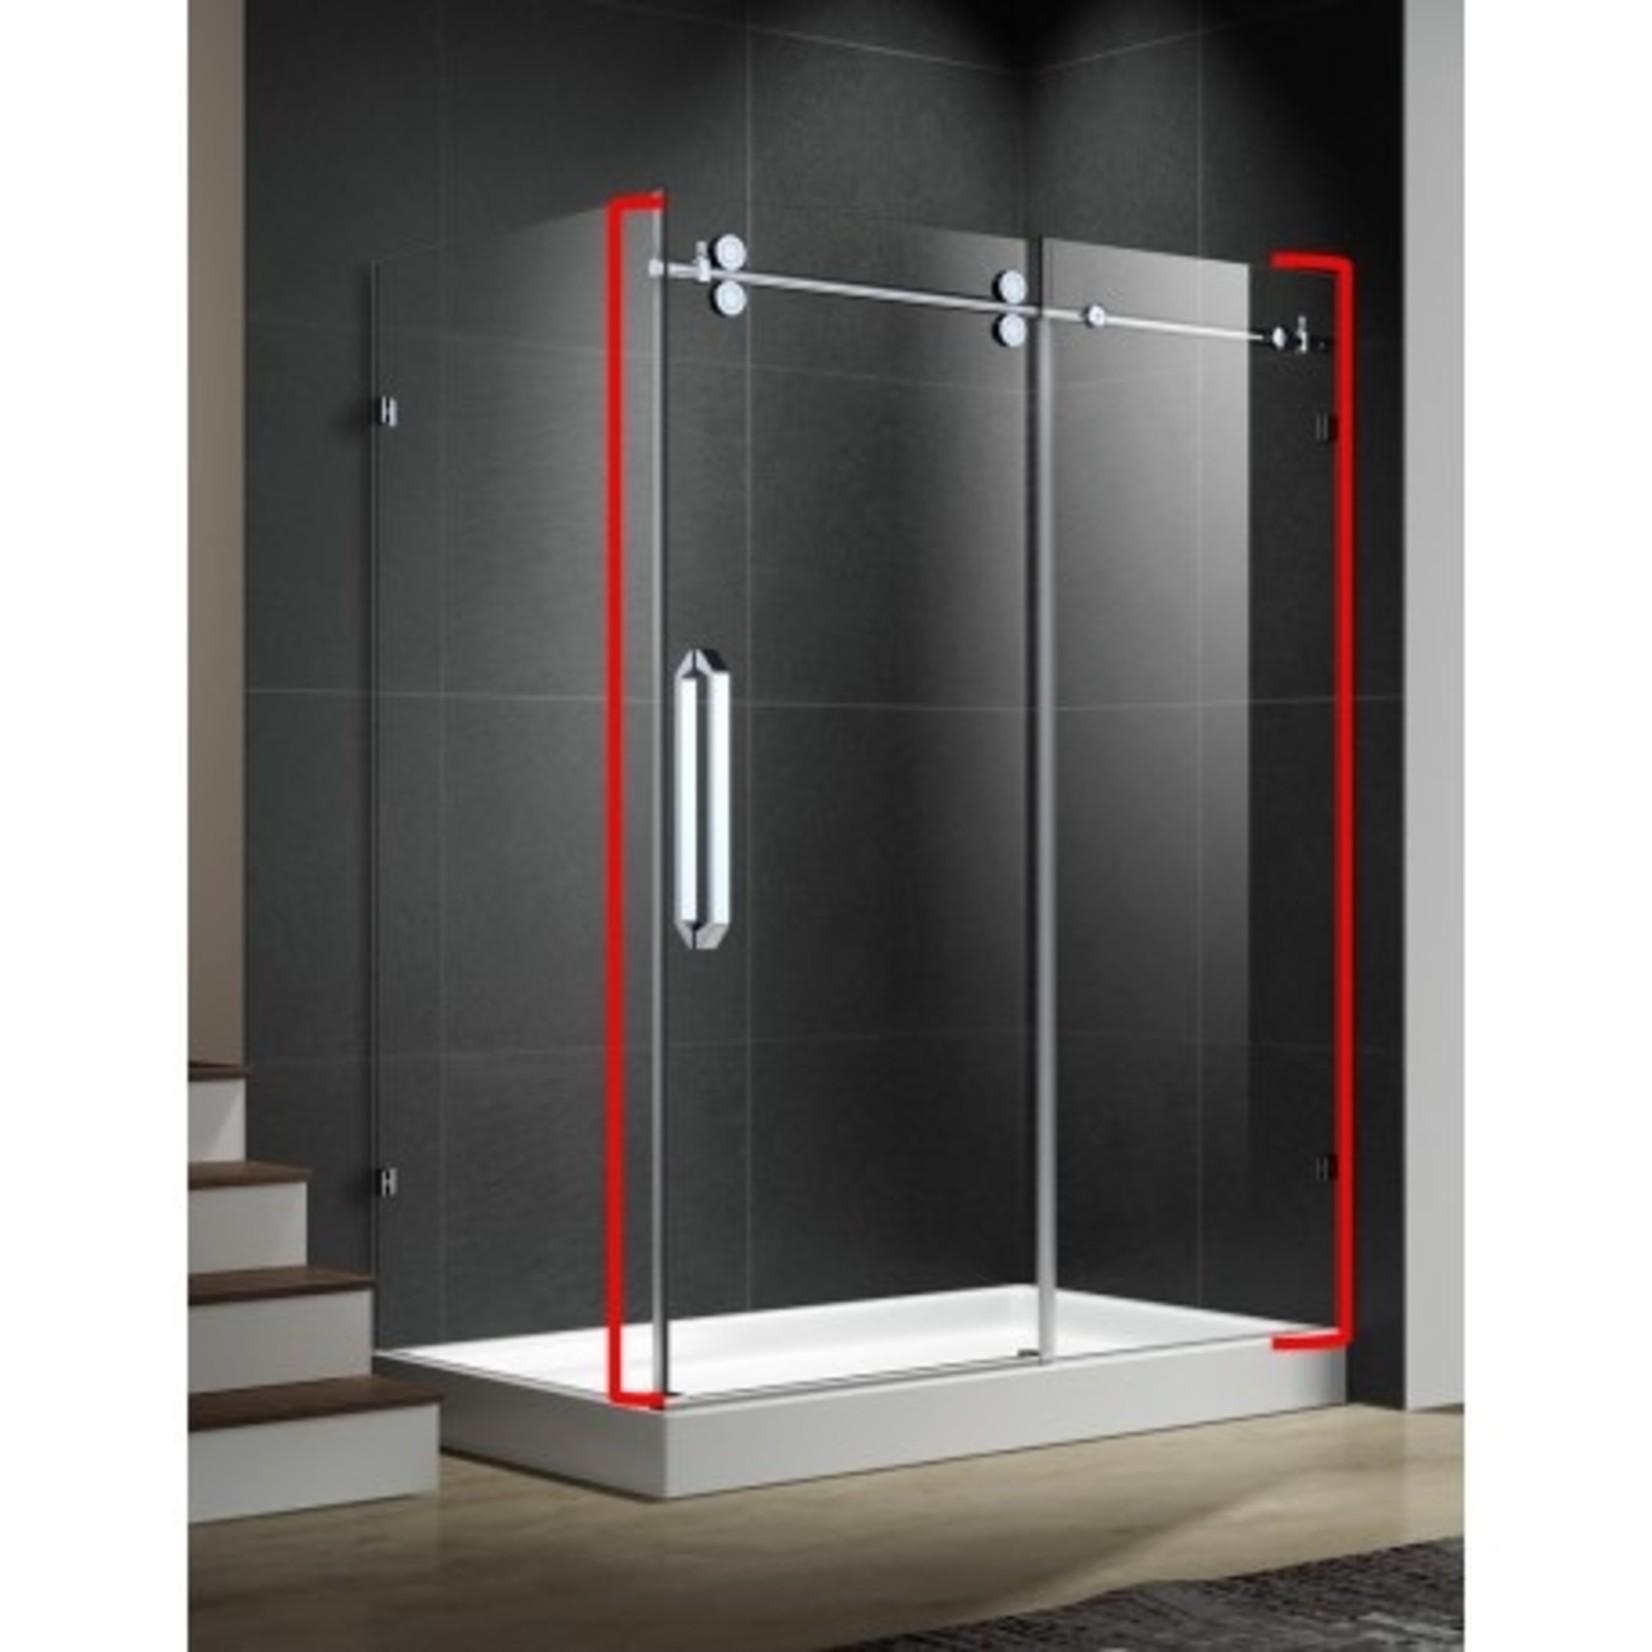 Reversible shower door 48 '' chrome 10mm Zirkon Apo series